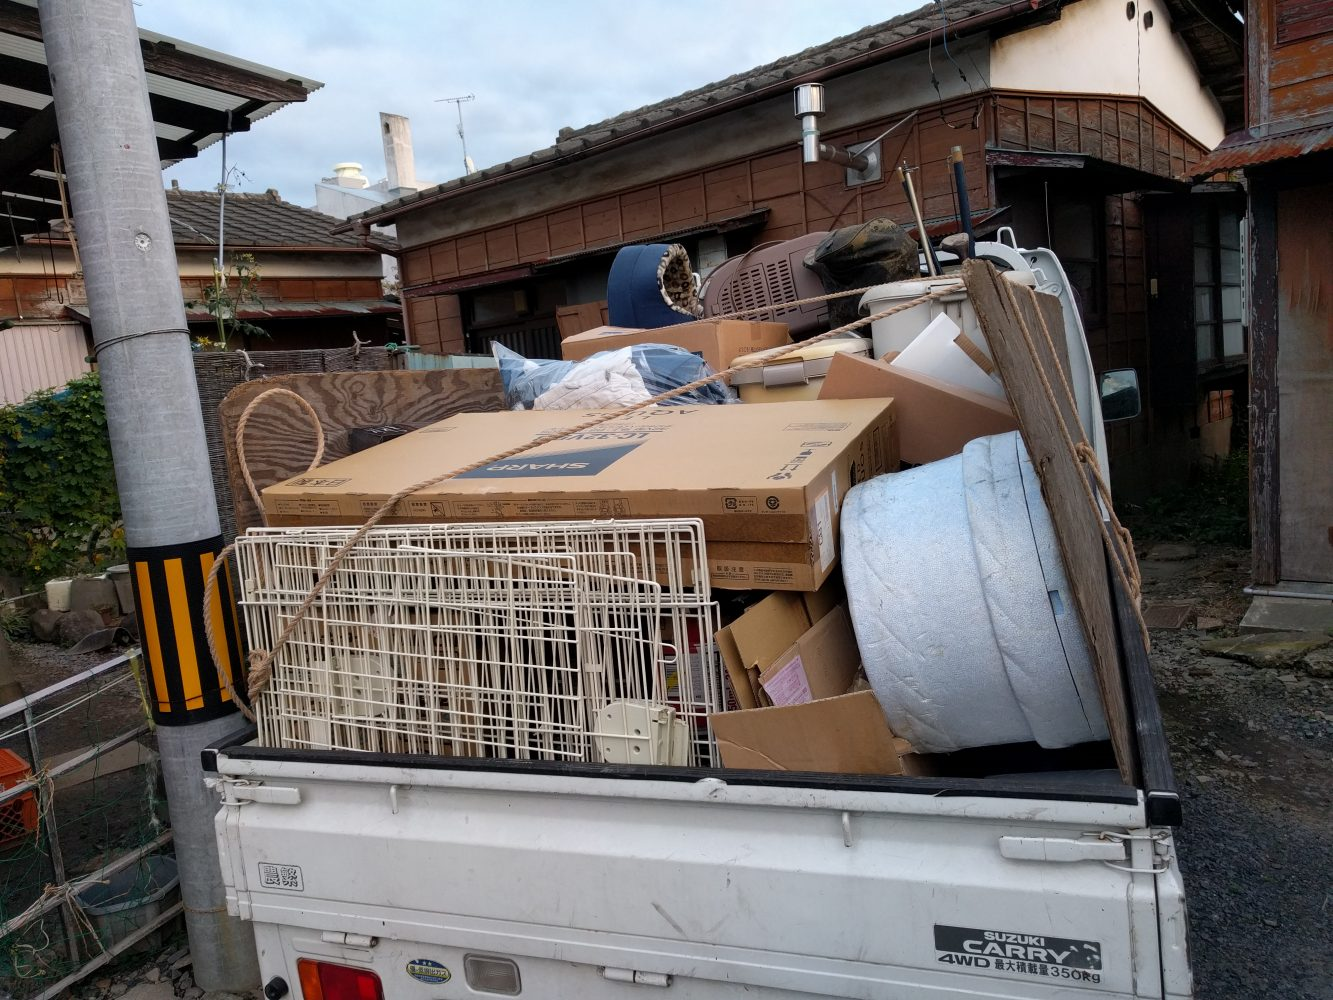 【水戸市】ご自宅の家庭ごみなどの回収☆素早い対応にご満足いただけました!